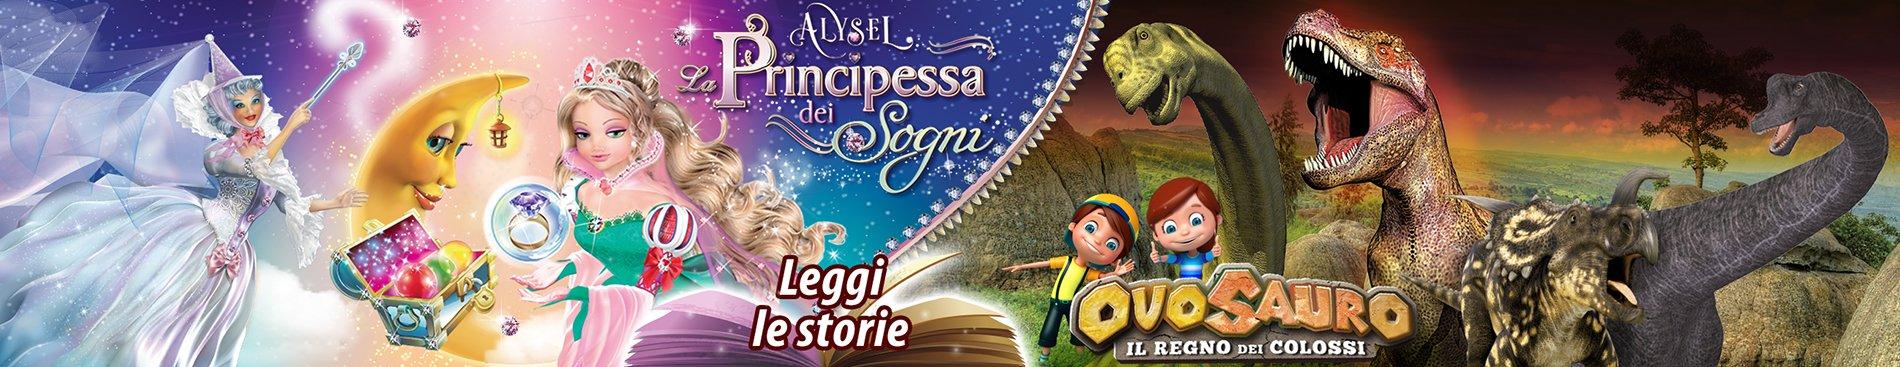 2016 Le storie di Alysel e Ovosauro